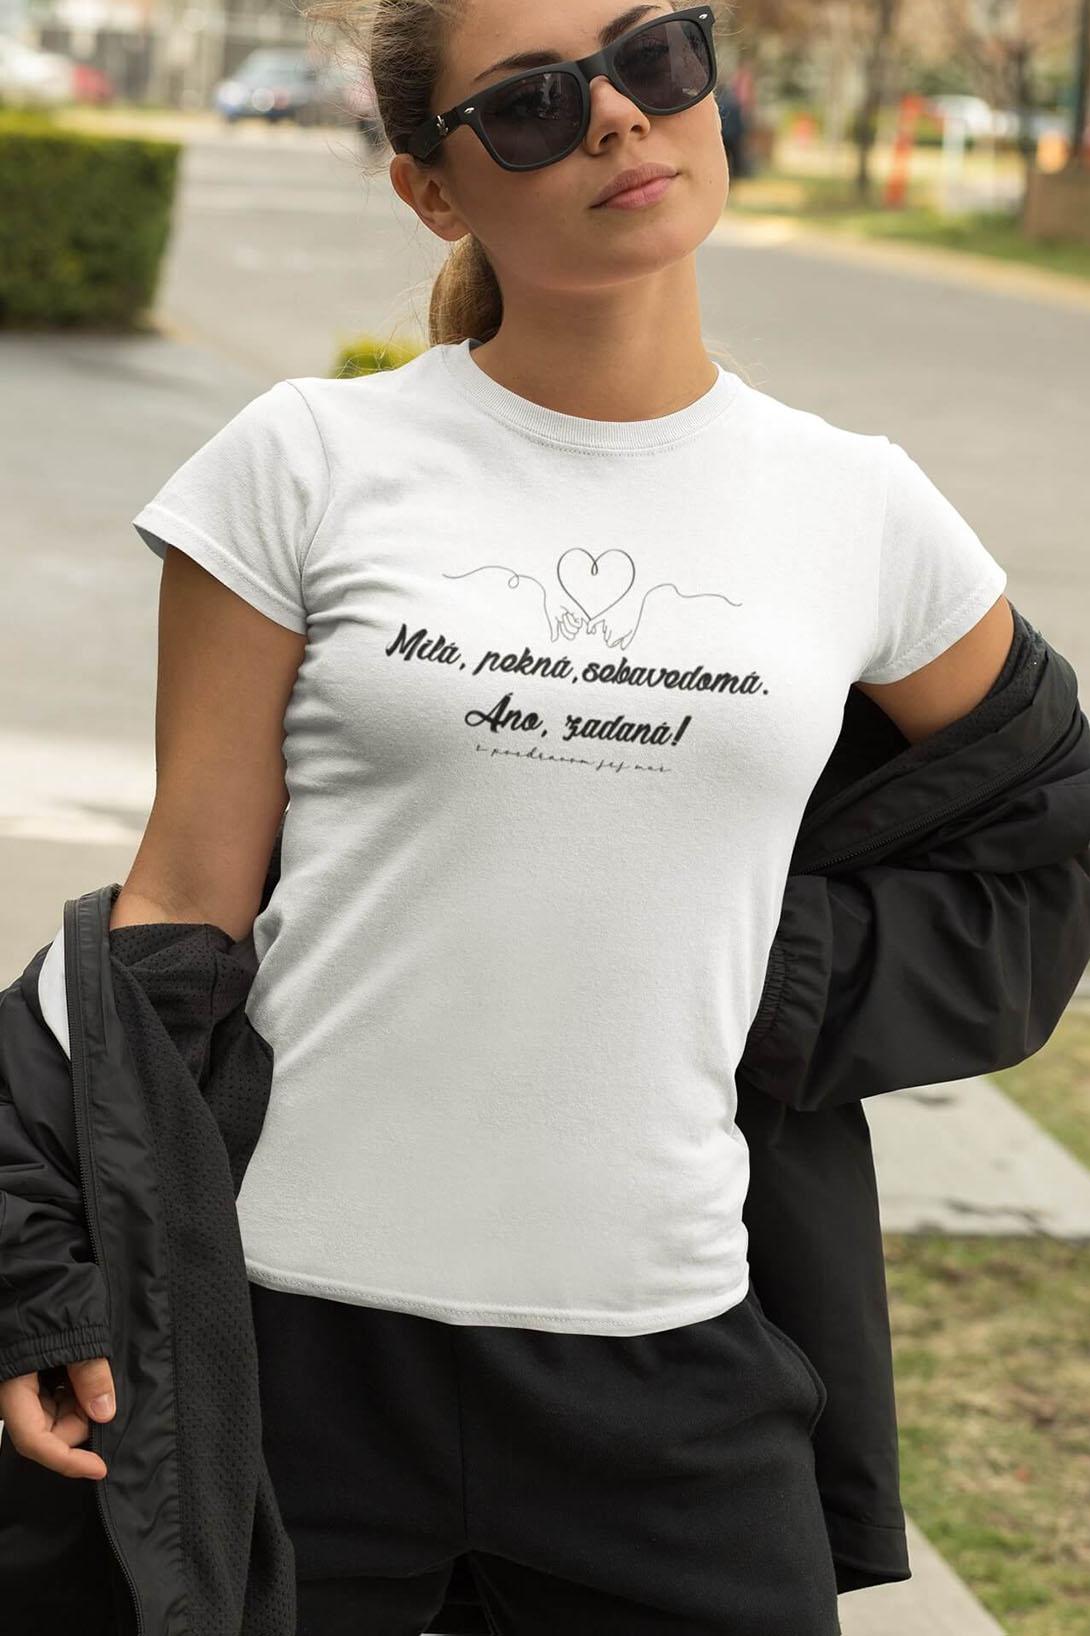 MMO Dámske tričko Milá, pekná, sebavedomá Vyberte farbu: Biela, Vyberte veľkosť: M